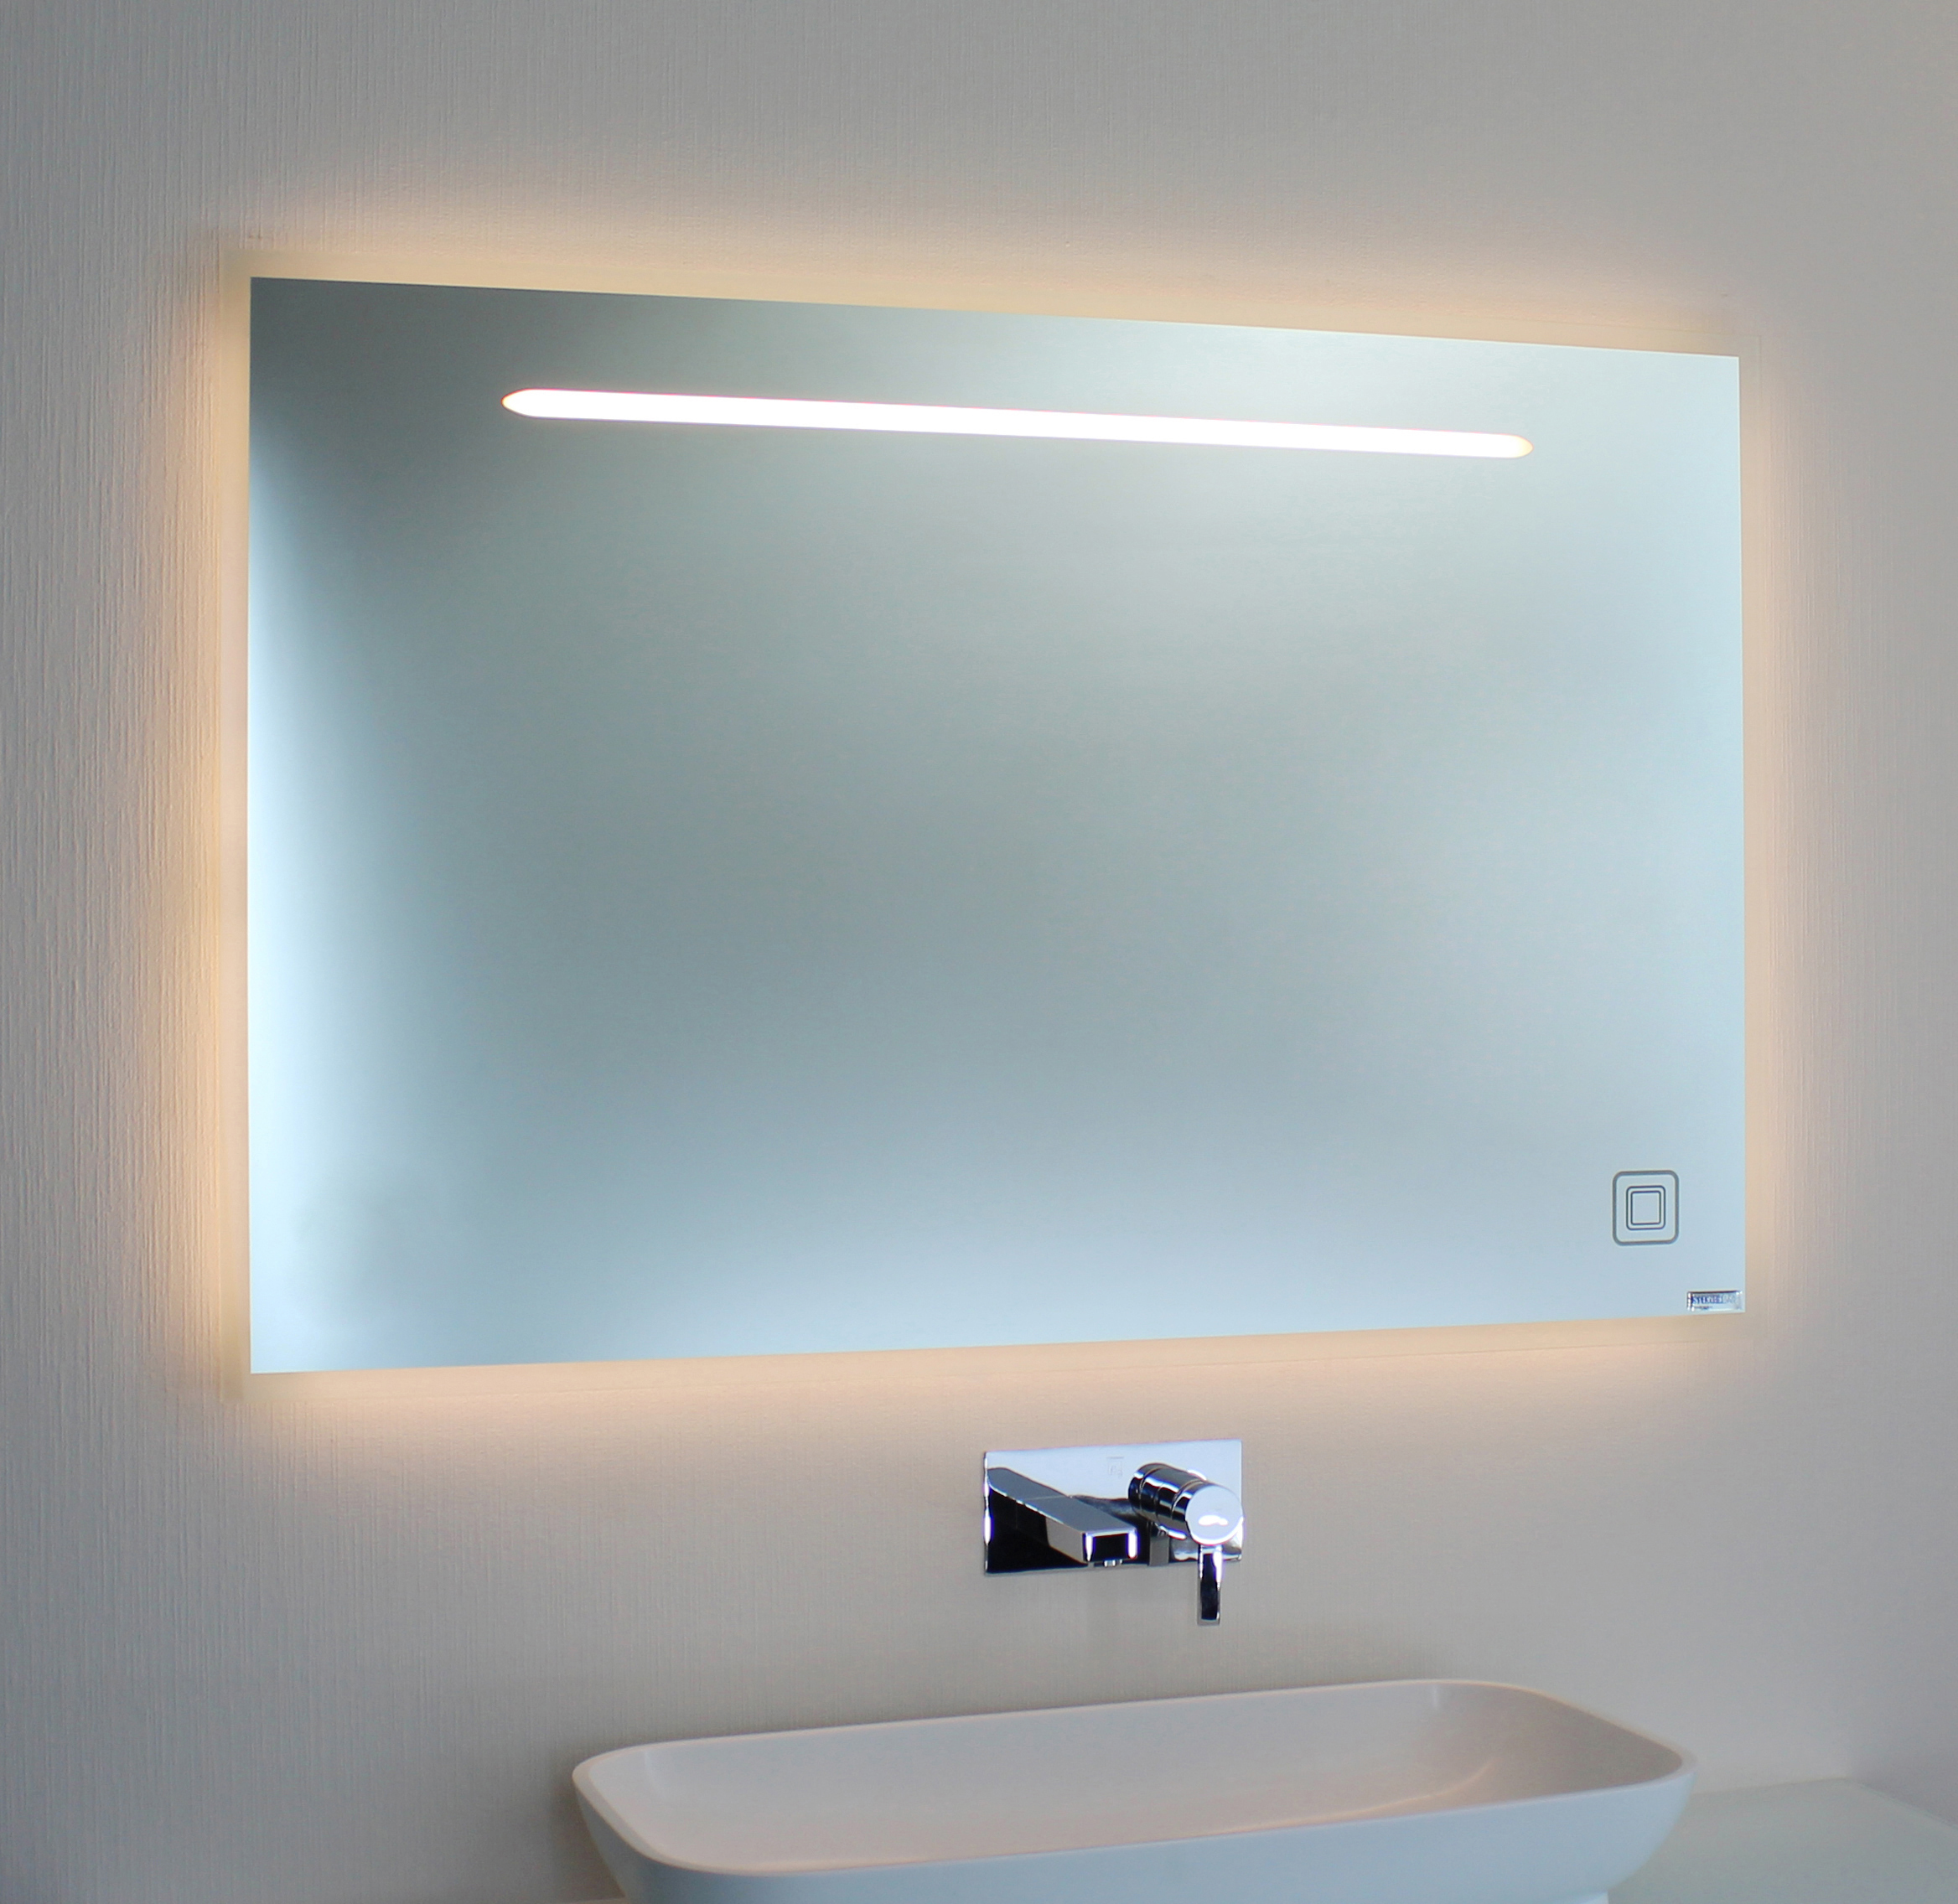 badspiegel led mit ambientebel 00 06 1 spiegel art. Black Bedroom Furniture Sets. Home Design Ideas